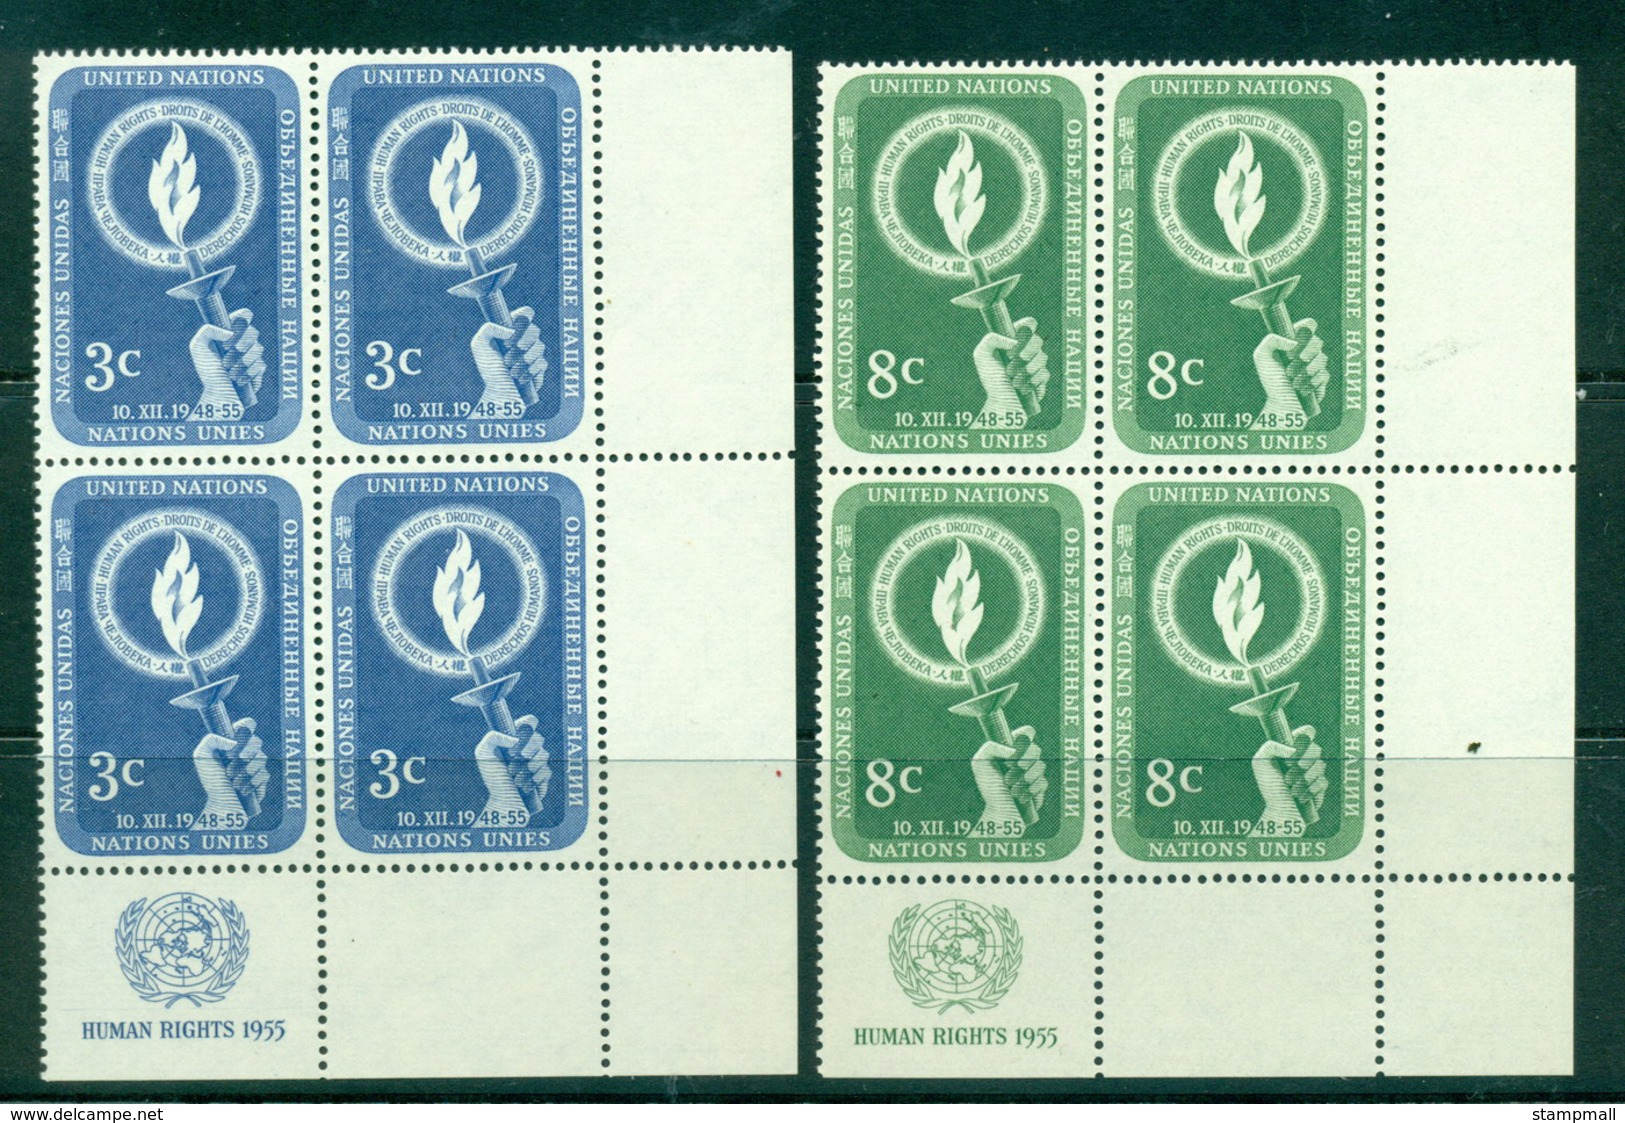 UN New York 1955 Human Rights Day Imprint Blk4 BR MUH Lot40866 - Ungebraucht